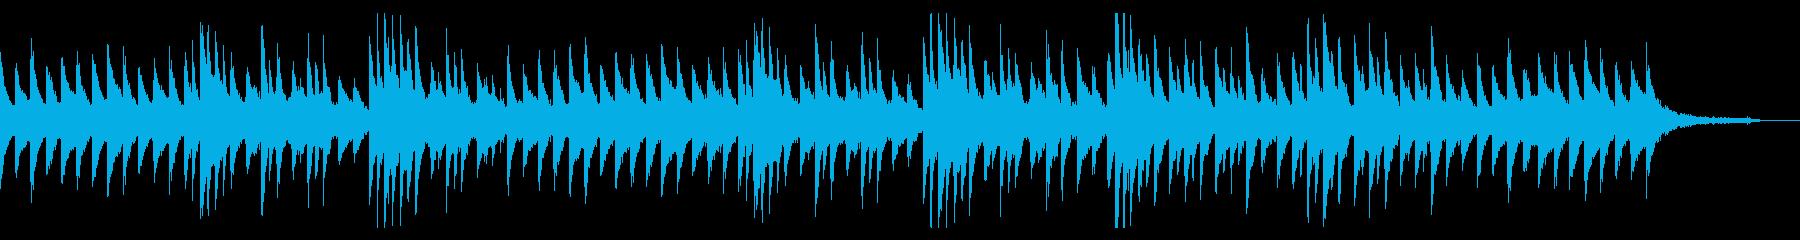 淡々とした冷たい印象のピアノBGMの再生済みの波形